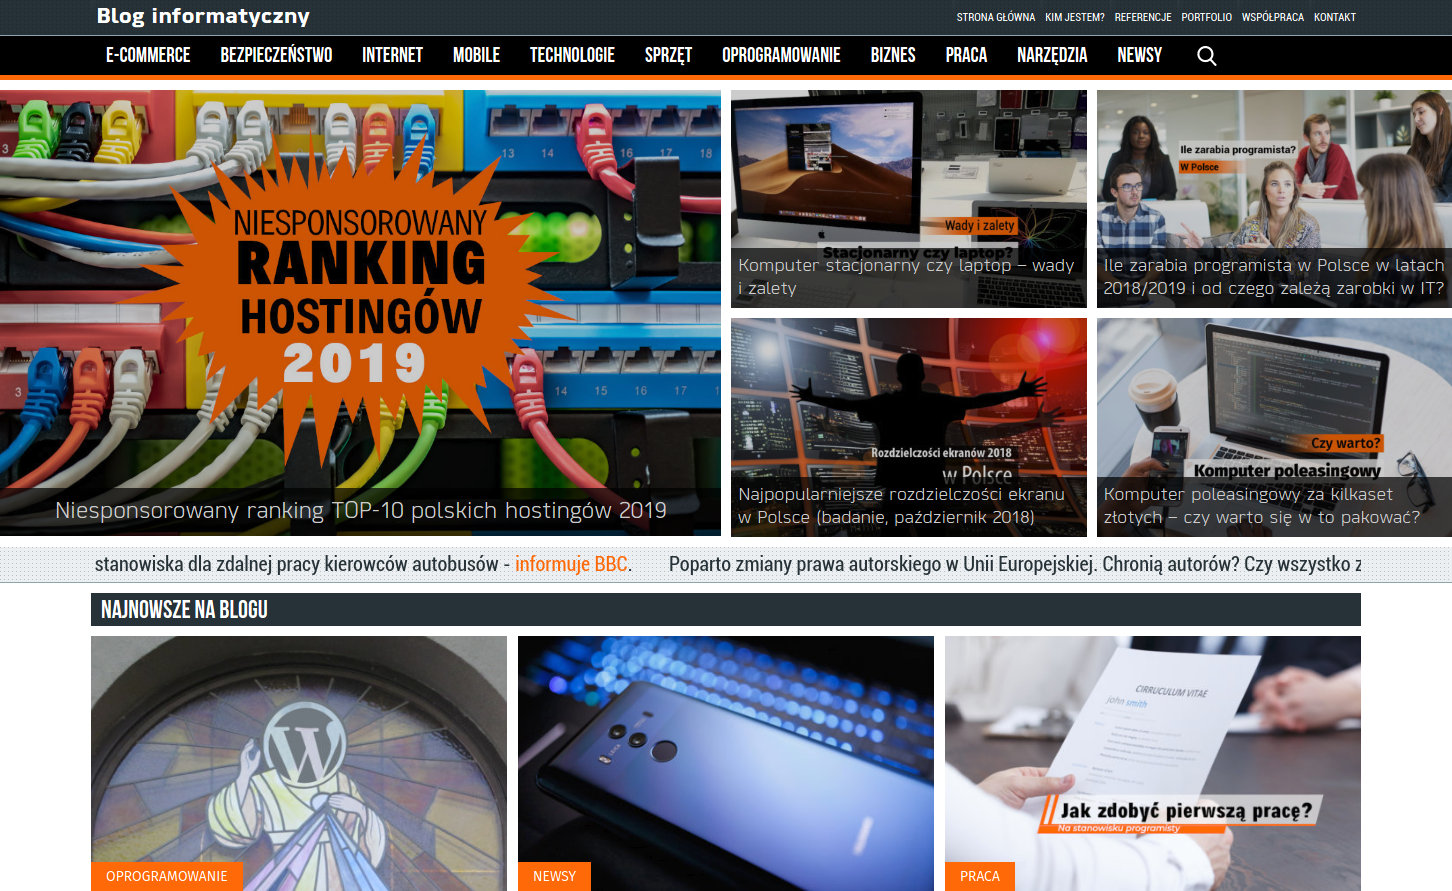 Blog informatyczny Sergiusza Diundyka - zrzut ekranu 1.